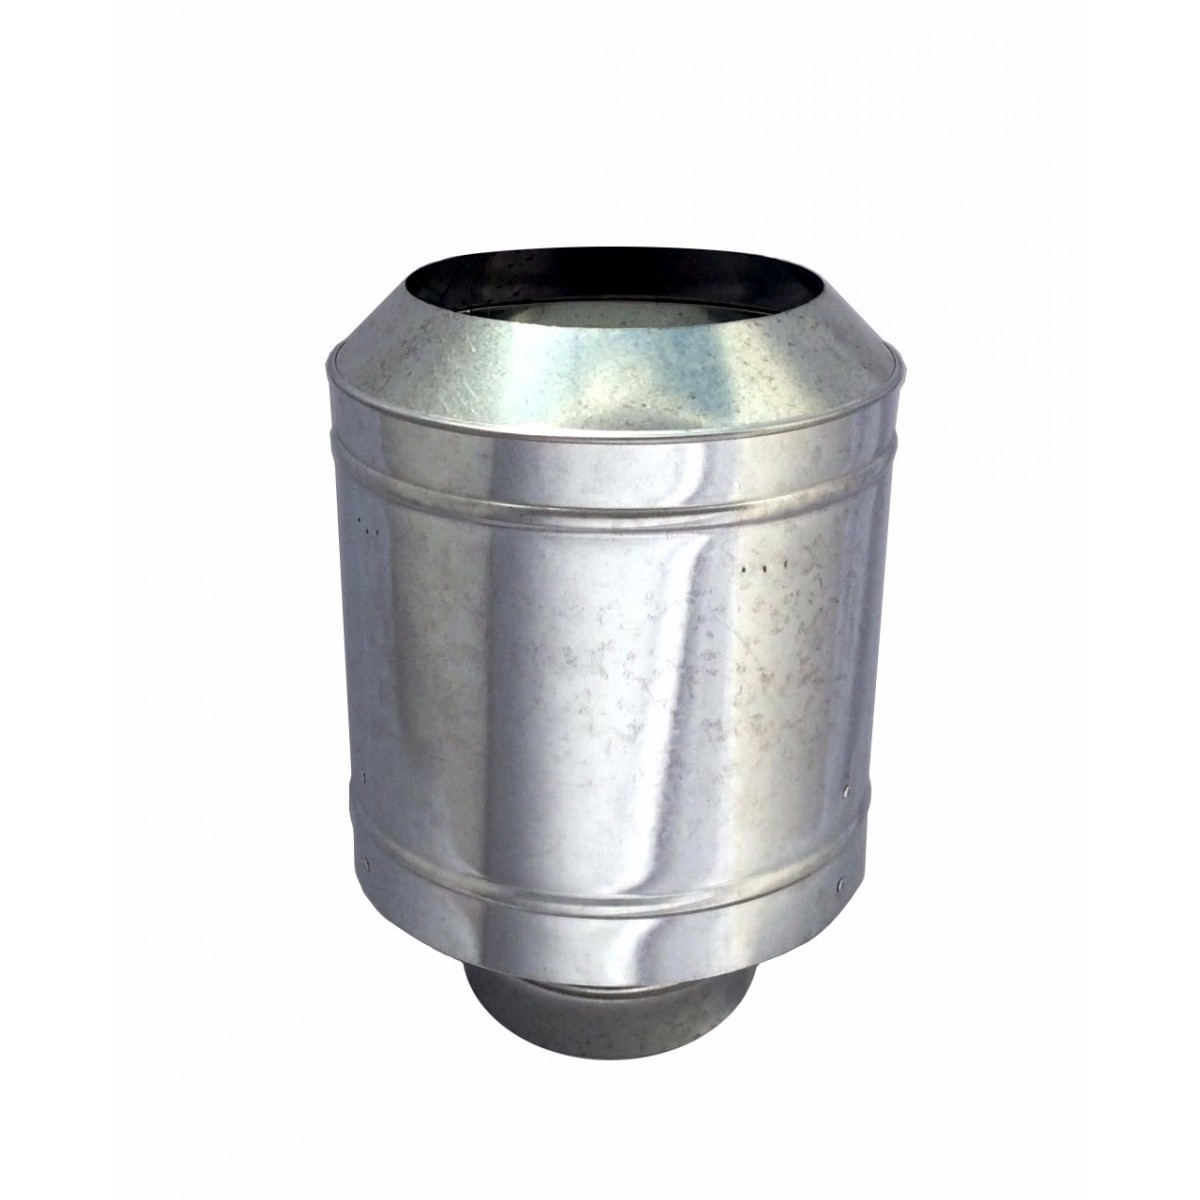 Chapéu galvanizado tipo canhão sputinik para chaminé de 150 mm de diâmetro.  - Galvocalhas